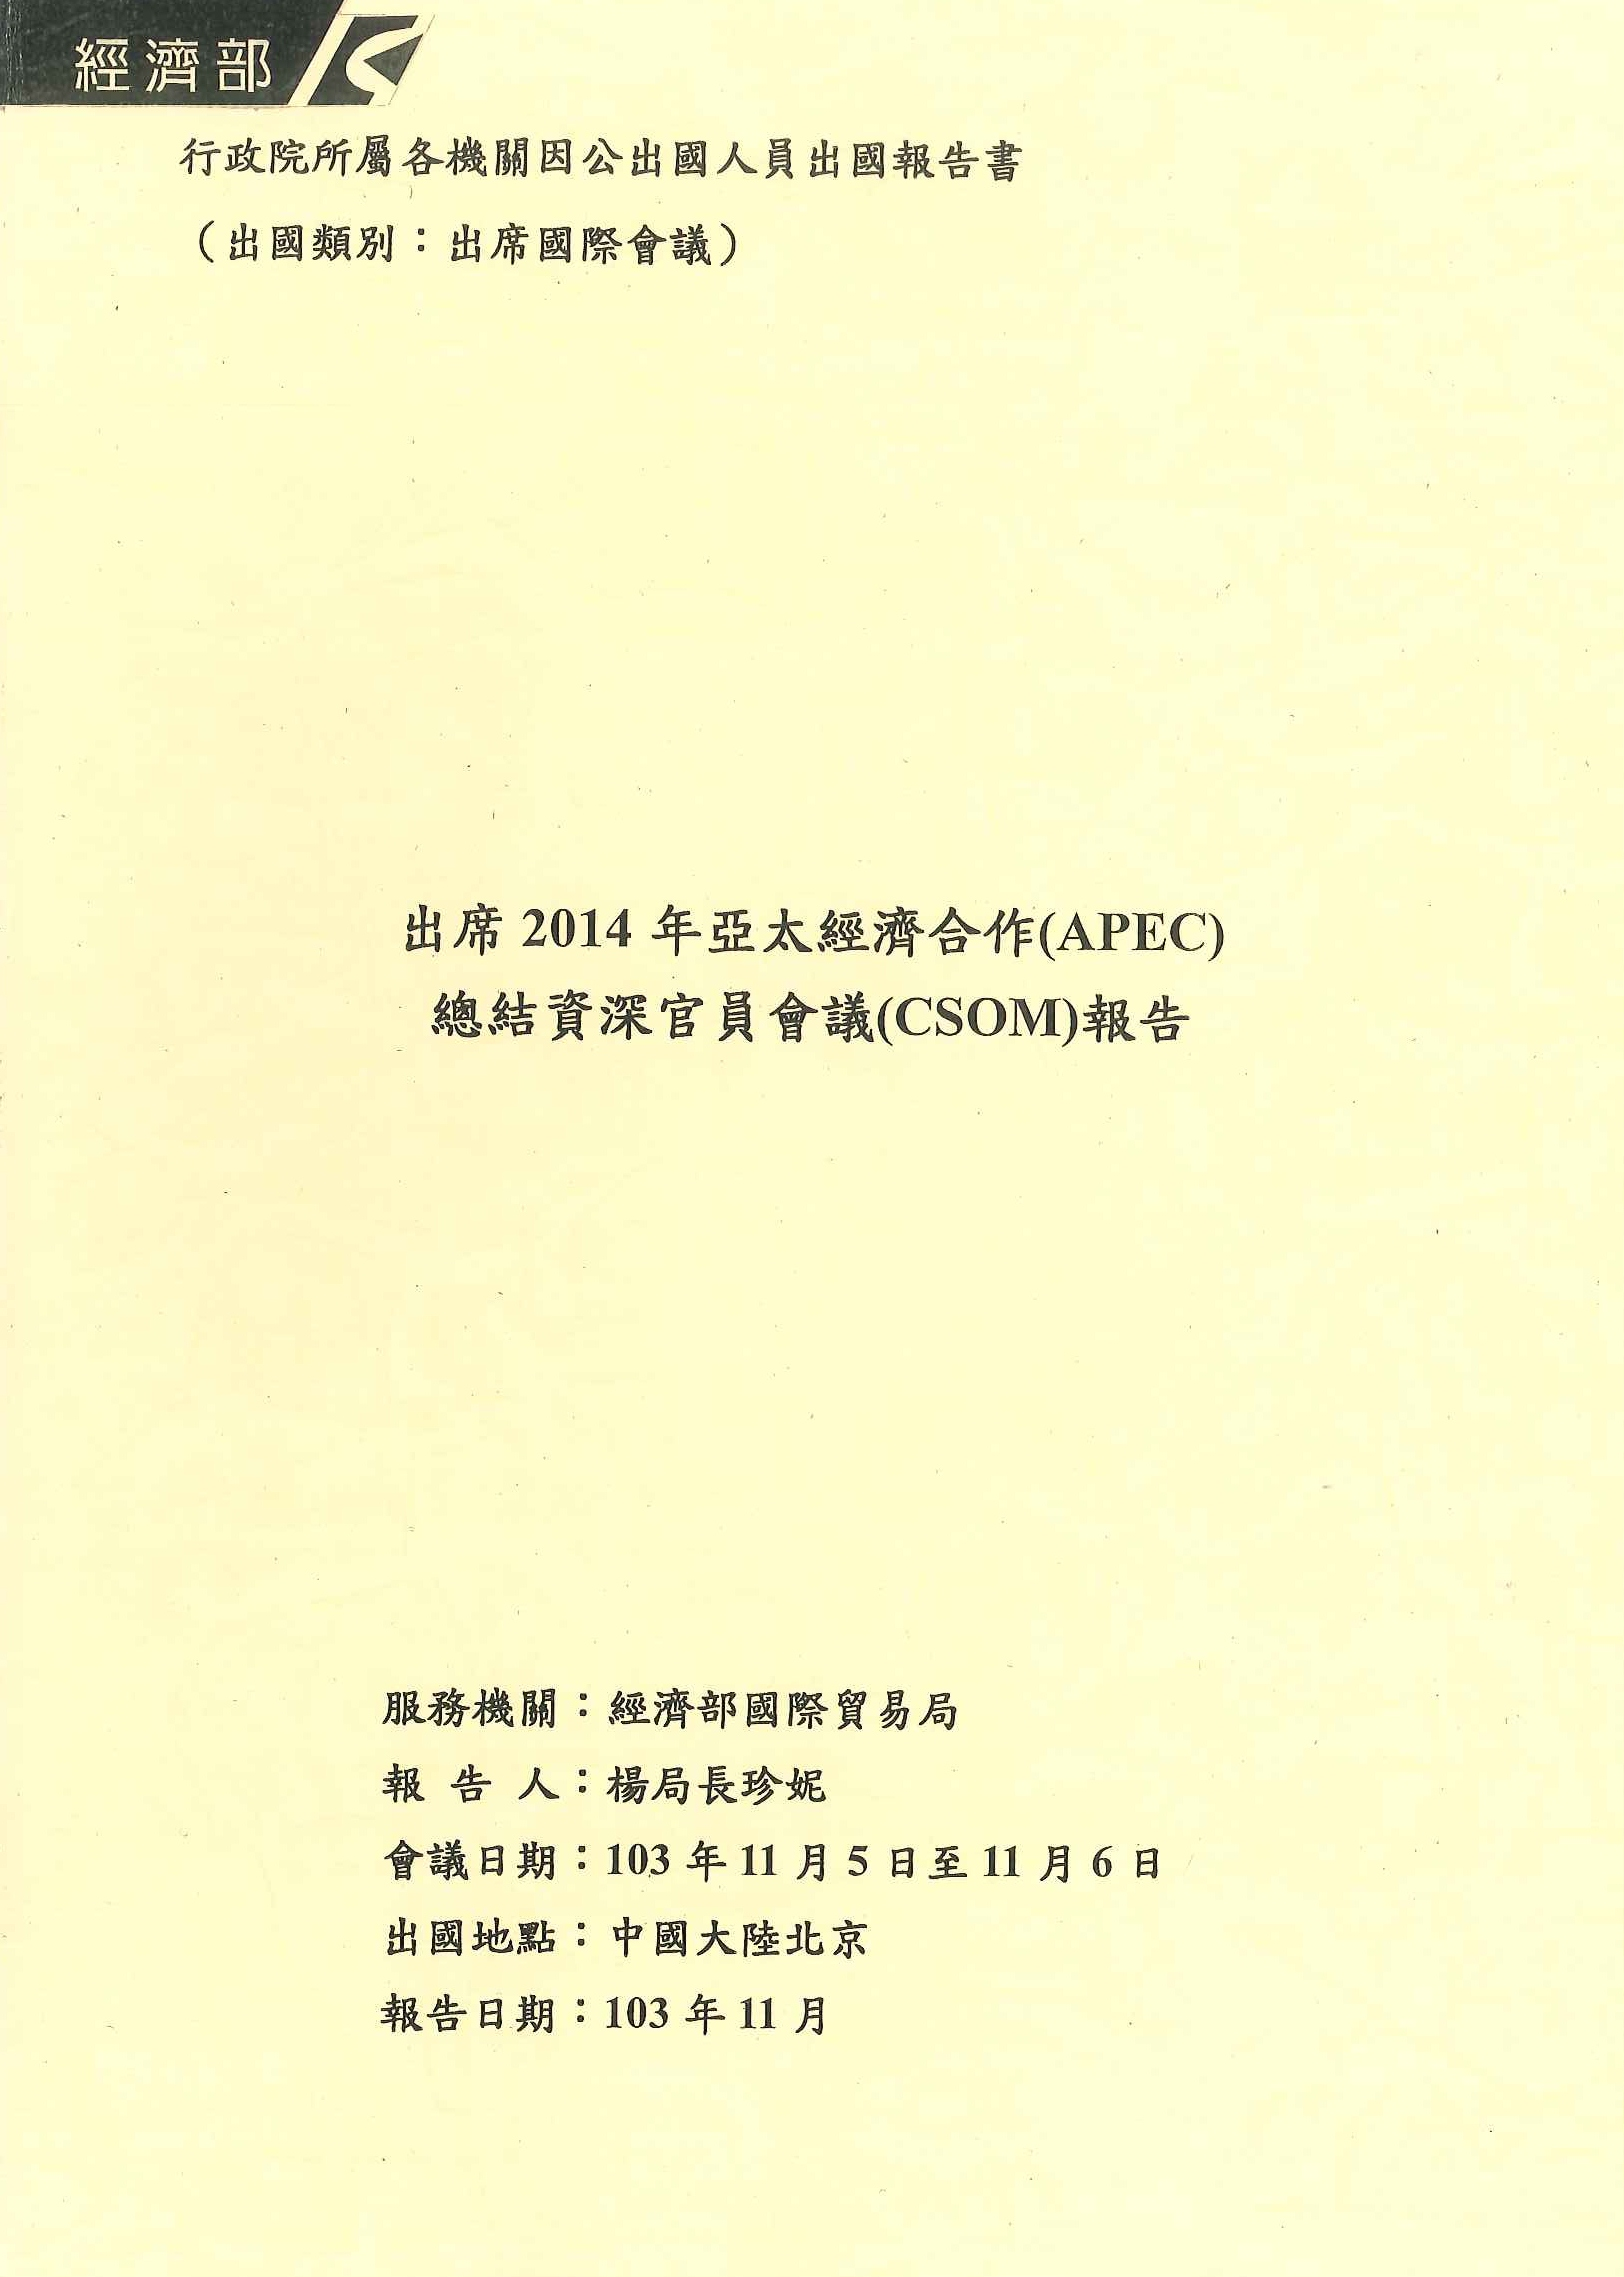 出席2014年亞太經濟合作(APEC)總結資深官員會議(CSOM)報告